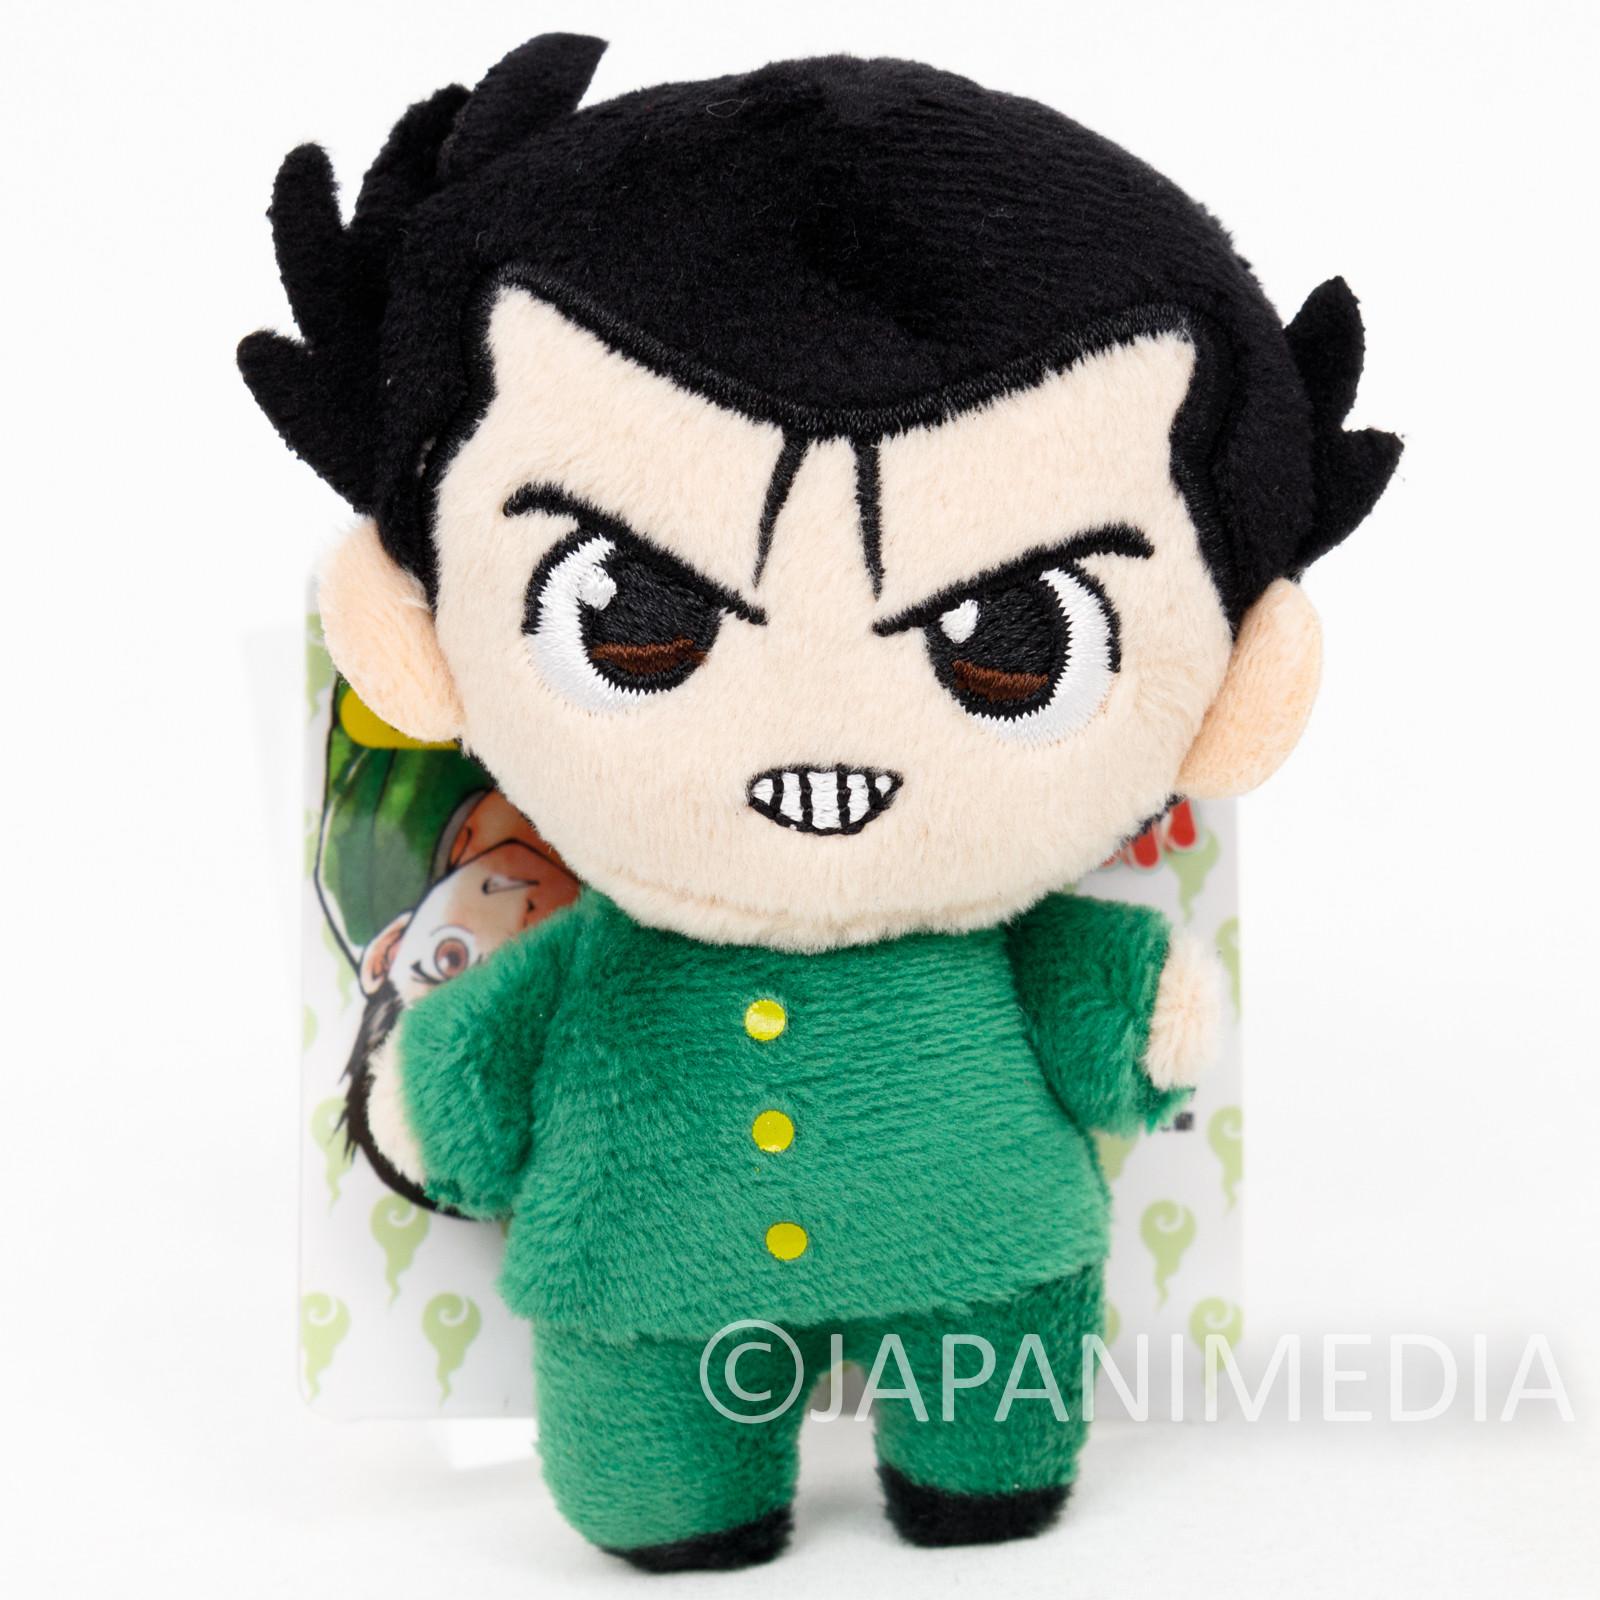 Yu-Yu Hakusho Yusuke Urameshi Plush Doll Ballchain Yoshihiro Togashi JAPAN